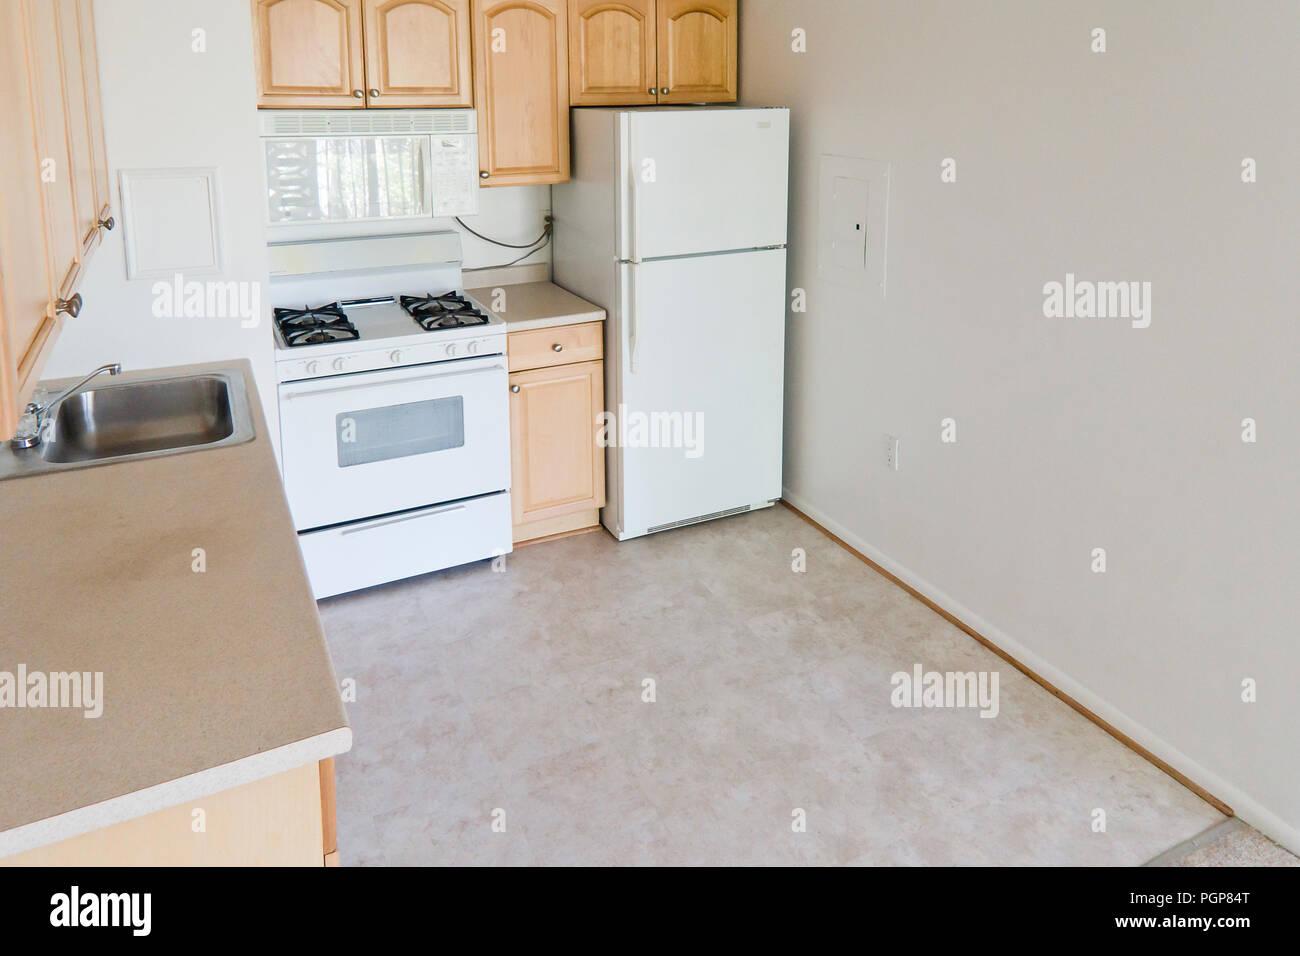 modular kitchen usa aide small in a condominium unit empty